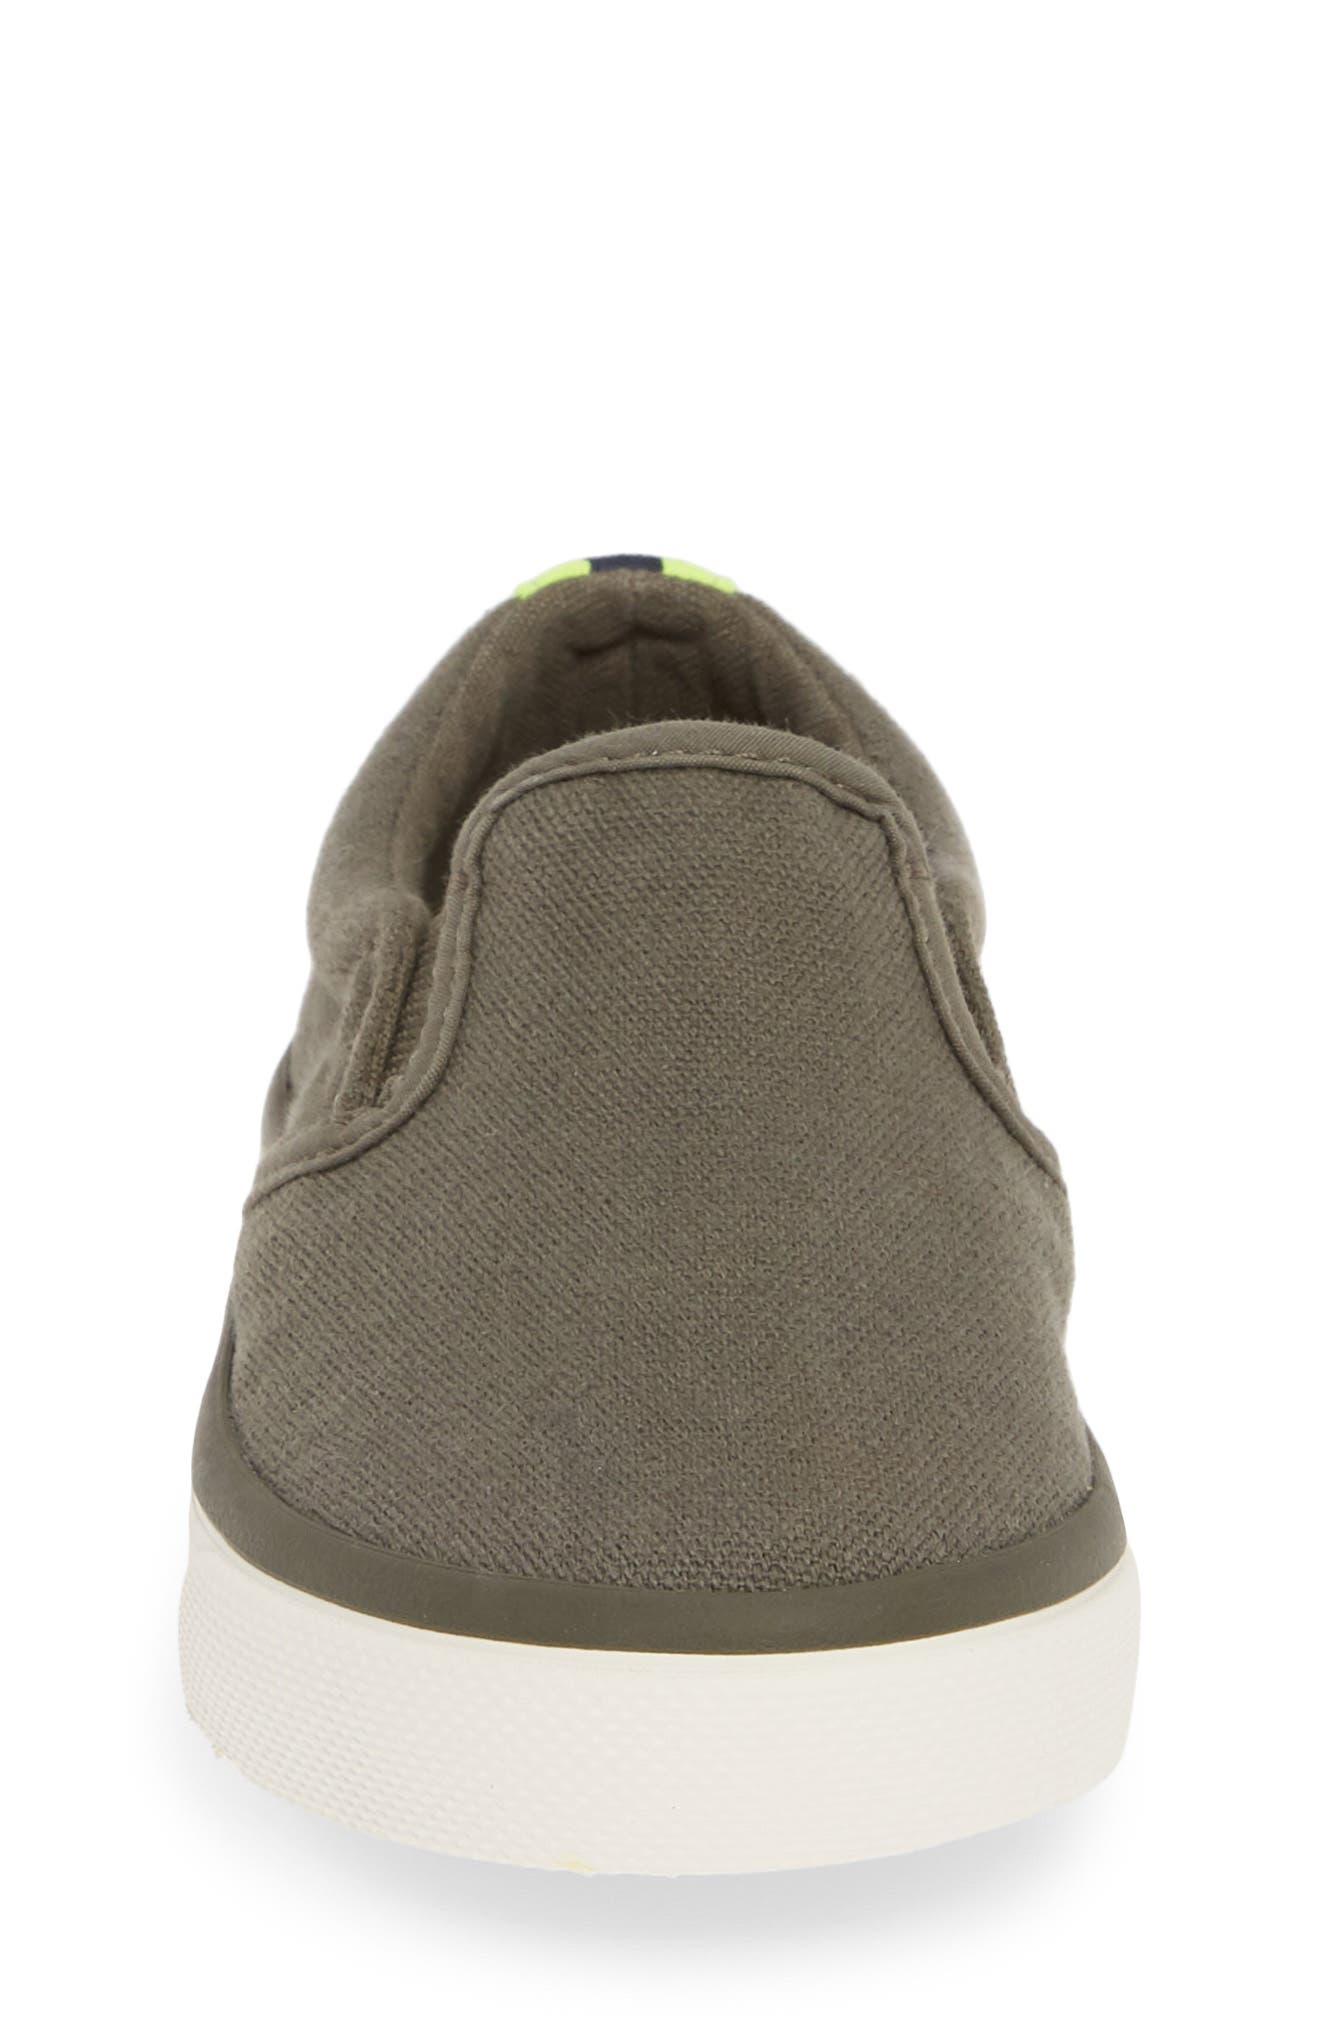 MINI BODEN,                             Slip-On Sneaker,                             Alternate thumbnail 4, color,                             ARMY GREEN